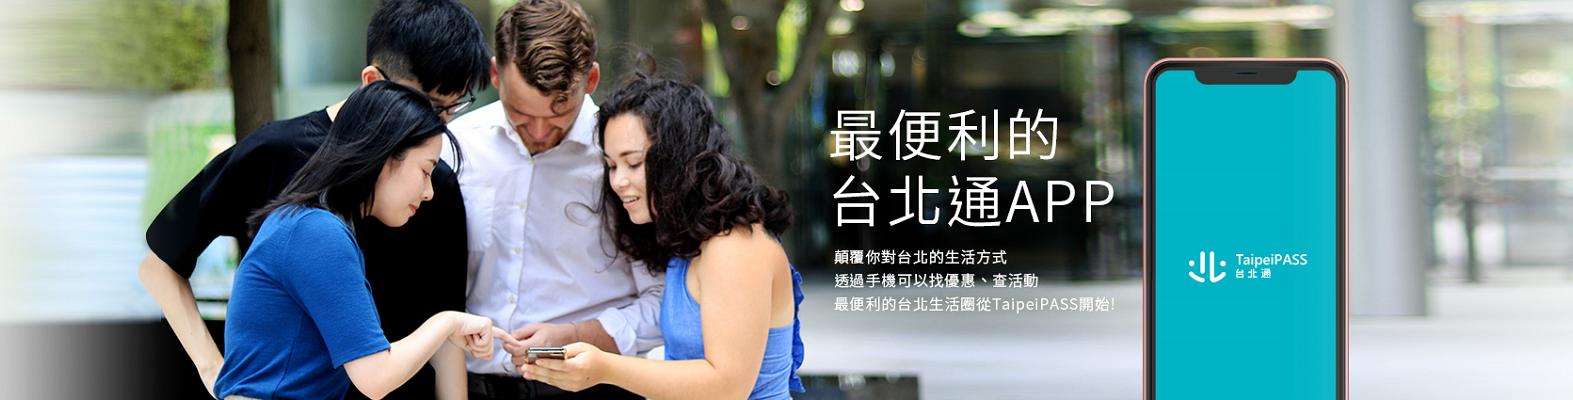 台北事 便利通 下載APP讓你體驗台北大小事,就是便利通!